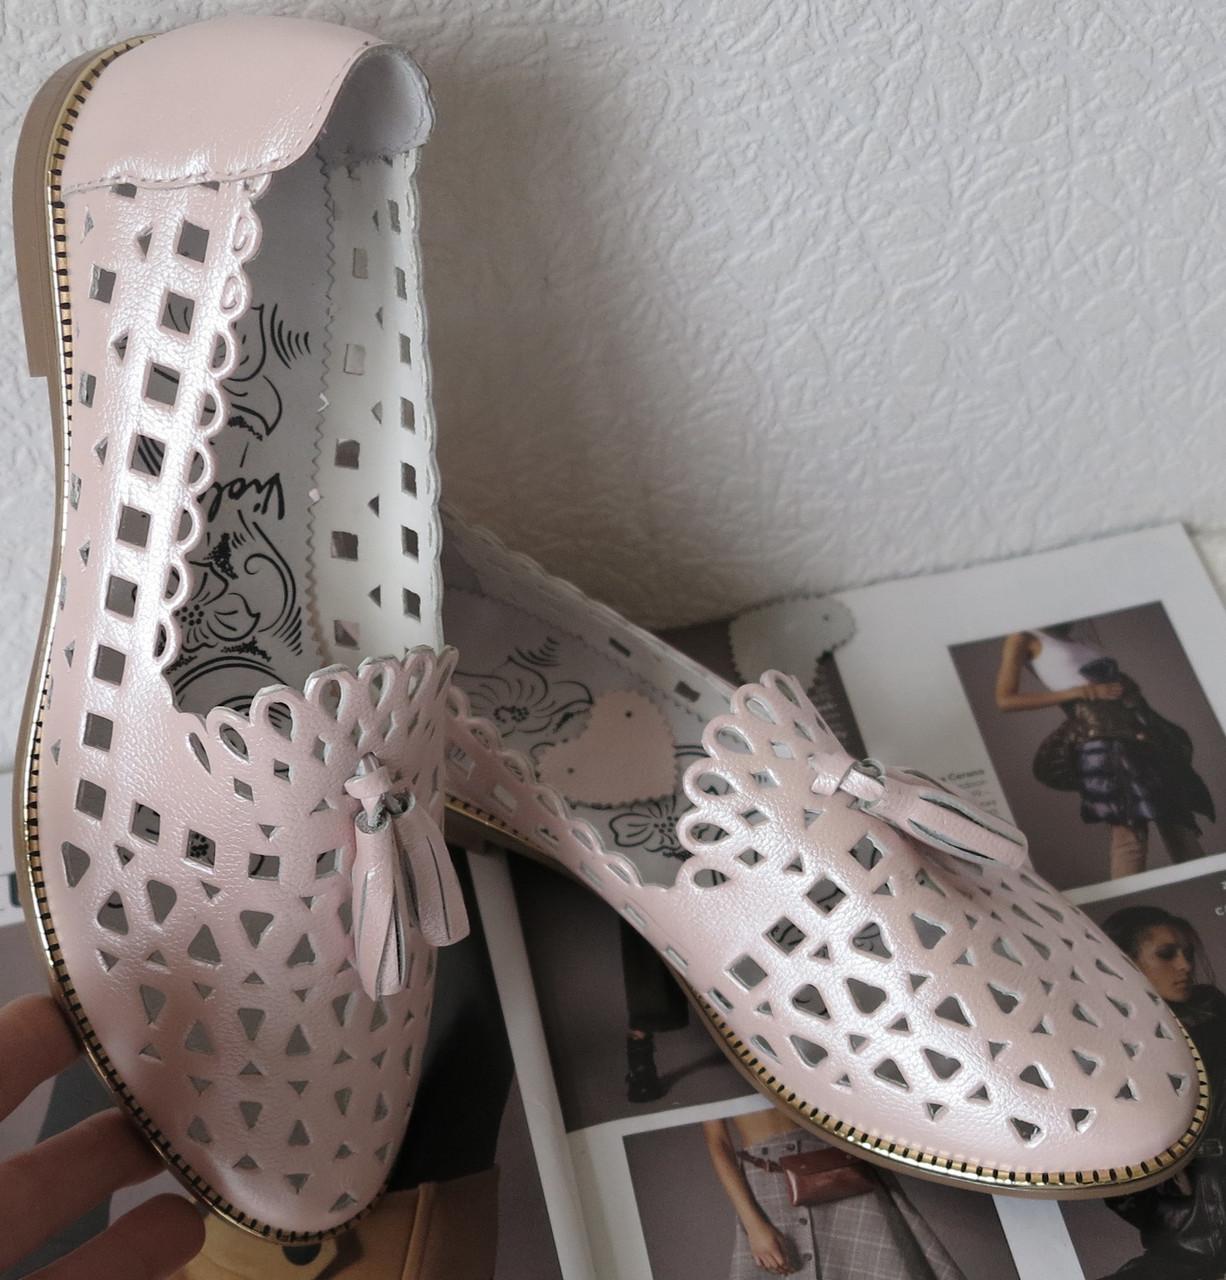 6ec96b720b19bd Стильні жіночі пудрові літні шкіряні балетки з перфорацією туфлі натуральна  шкіра літо весна репліка